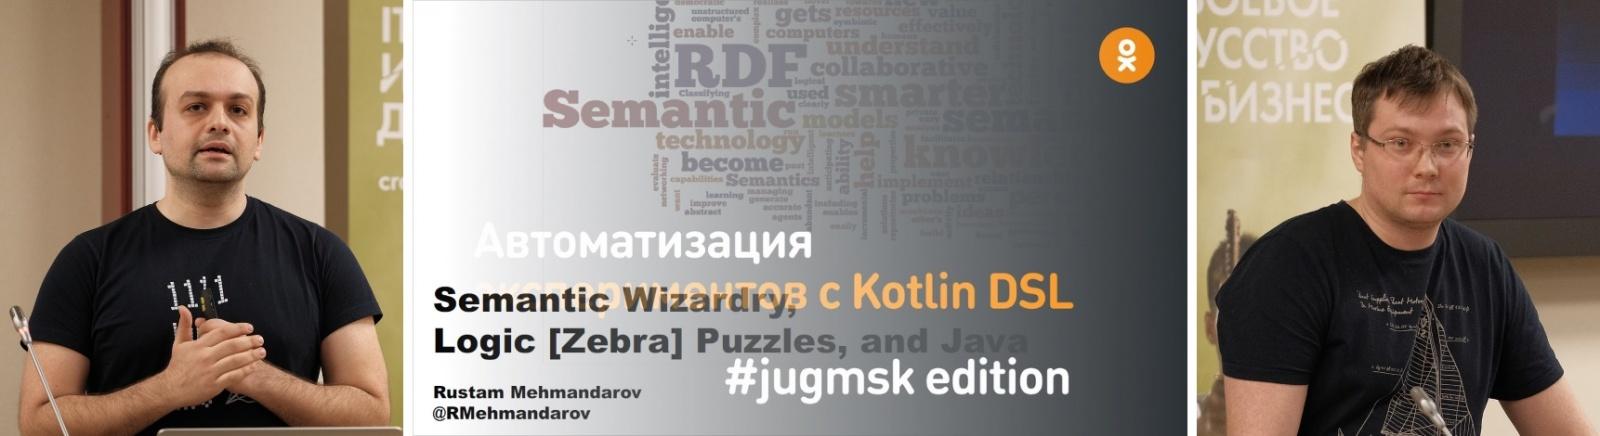 Рустам Мехмандаров и Александр Тарасов — семантические чудеса и автоматизация экспериментов на jug.msk.ru - 1